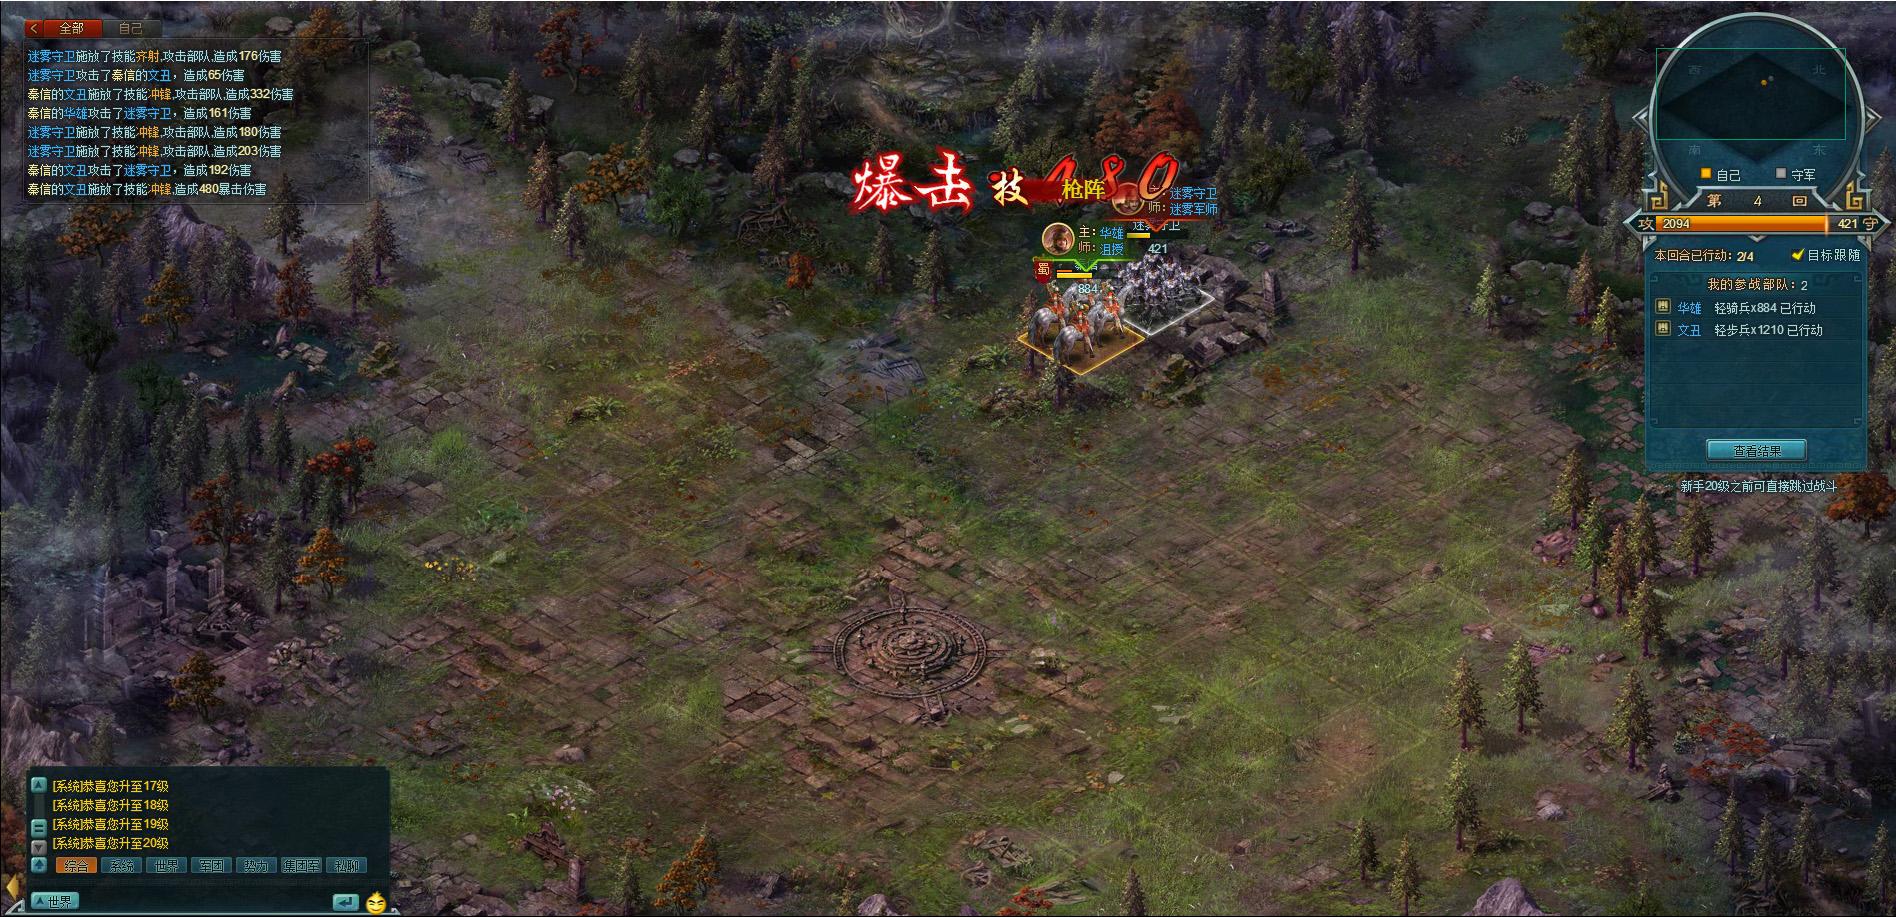 傲世三国游戏截图3